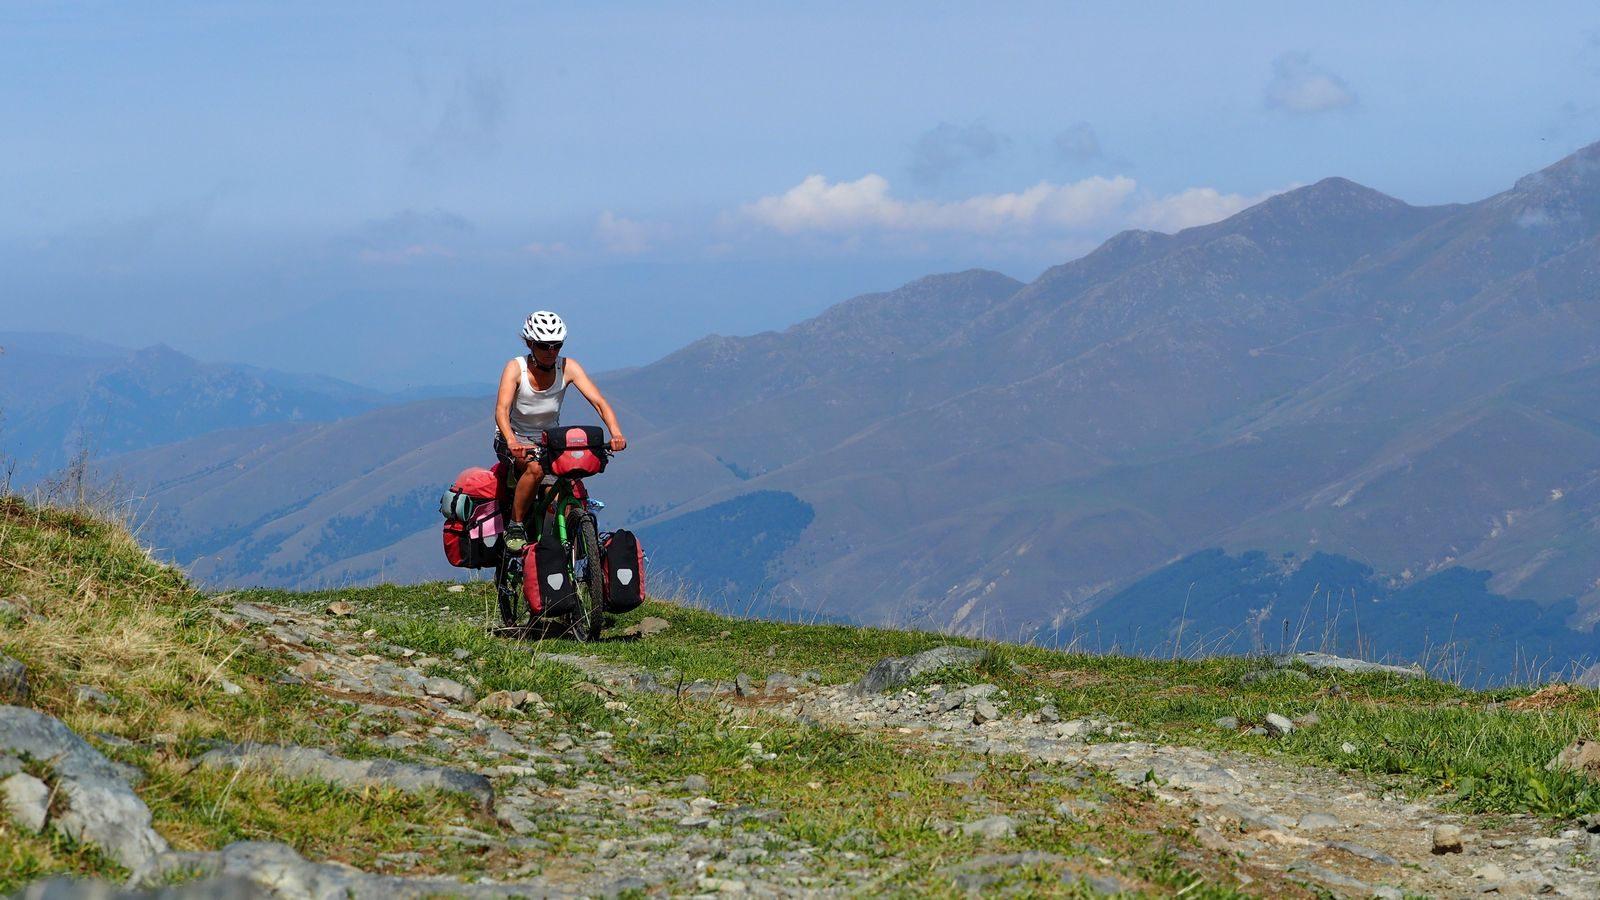 Radreise Armenien - Auffahrt zum Margahovit-Pass